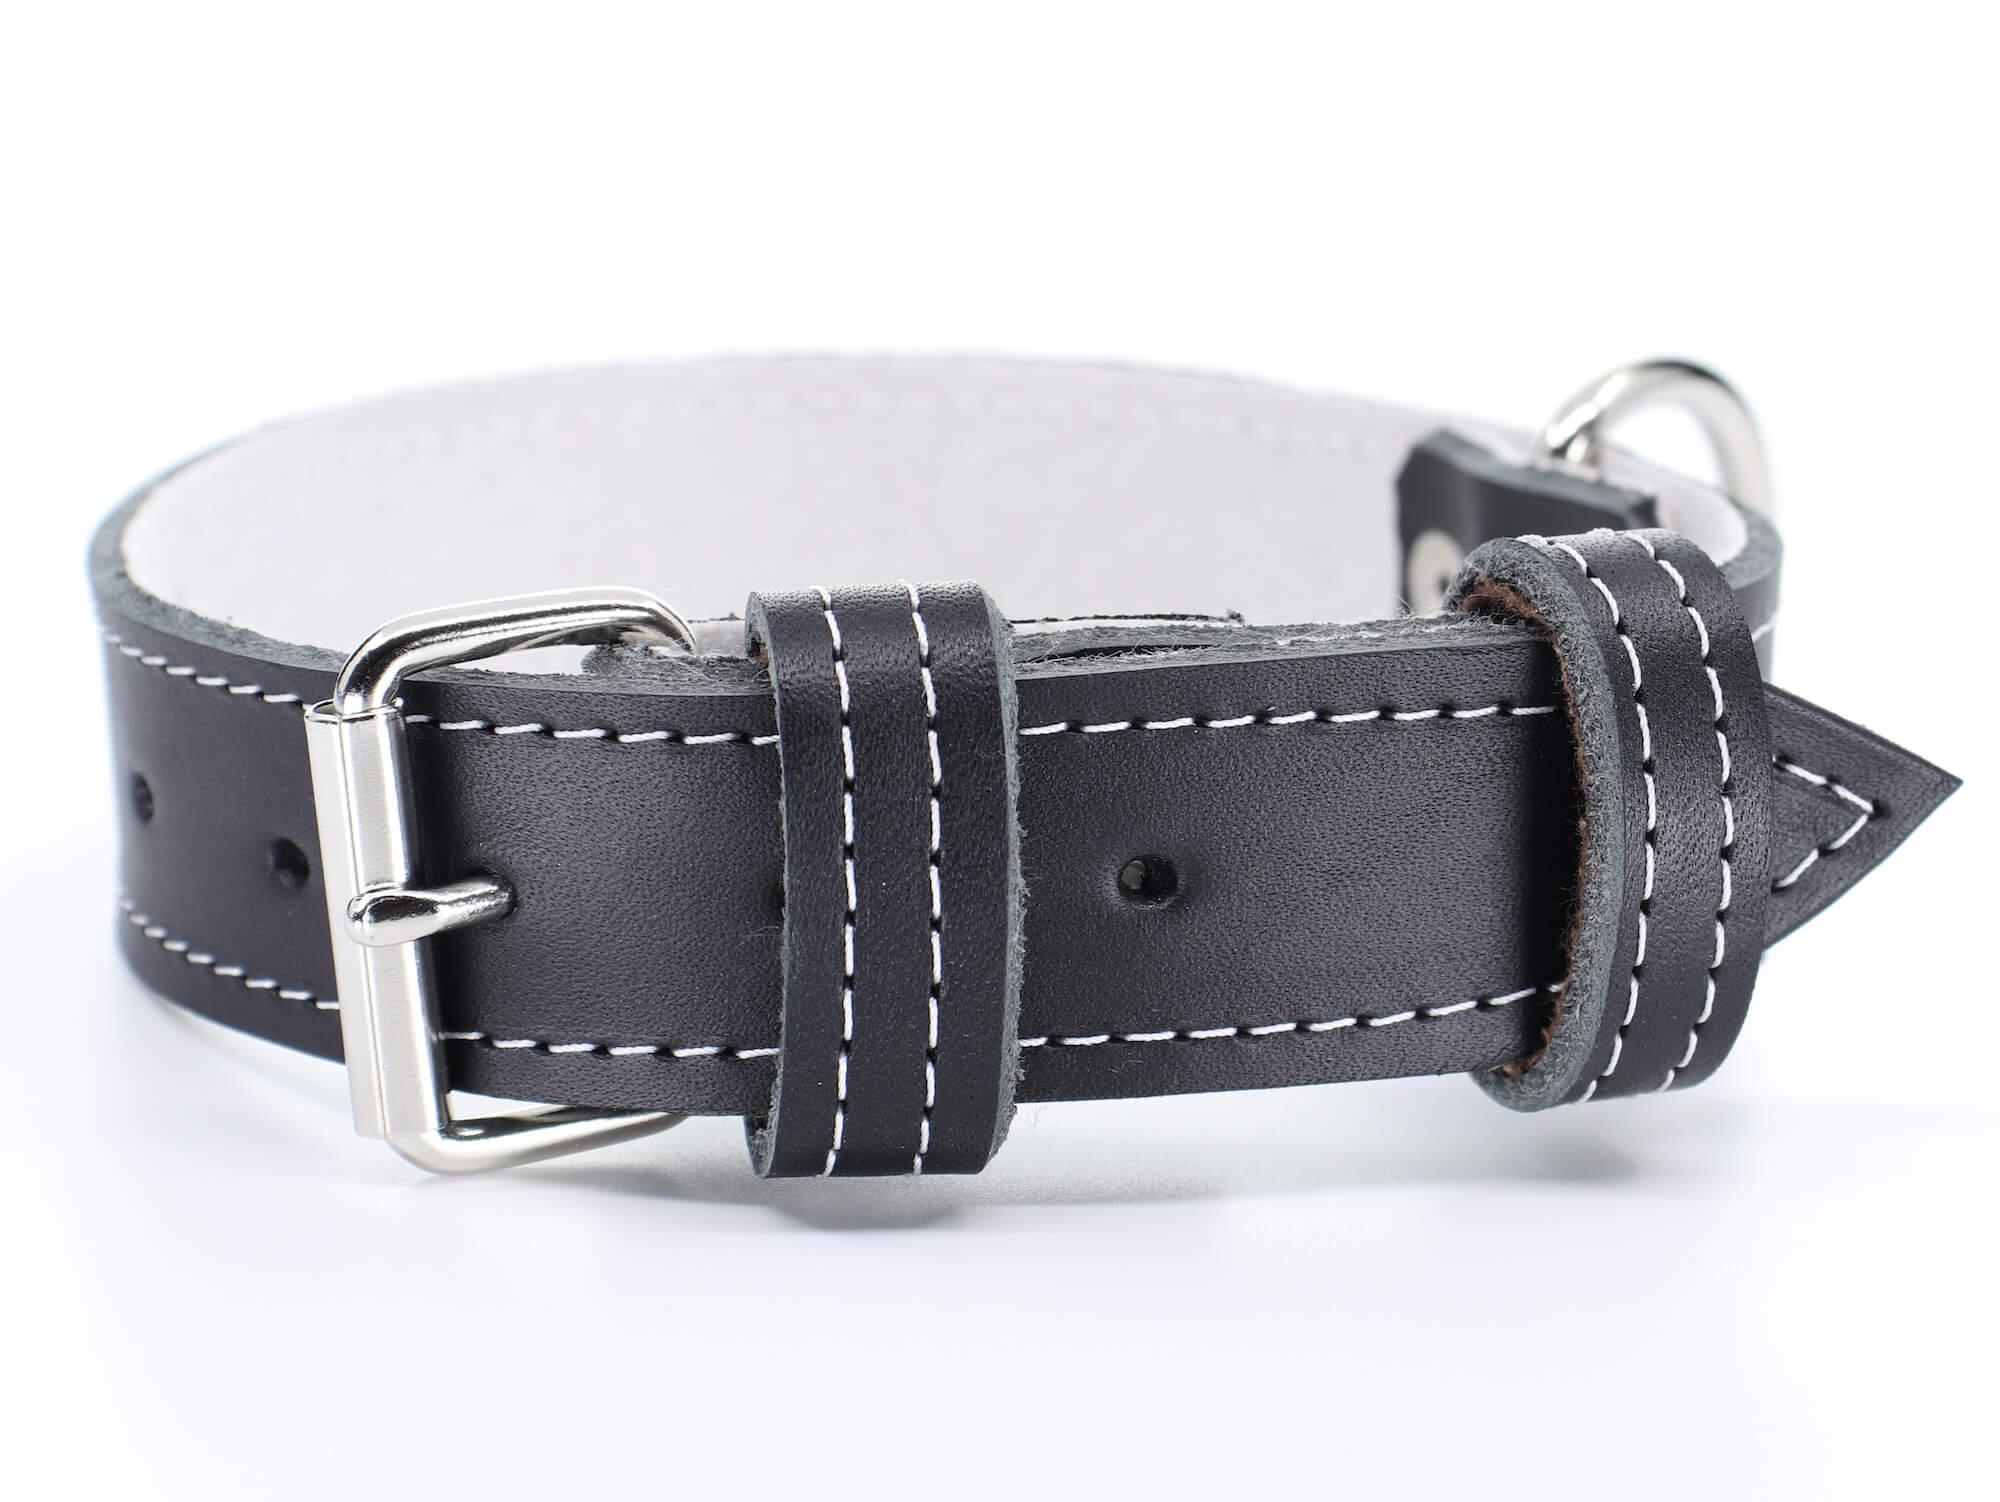 Palkar Natur kožený obojek pro psa | 22 – 65 cm Barva: Černá, Obvod krku: 47 - 55,5 cm, Šířka: 3 cm